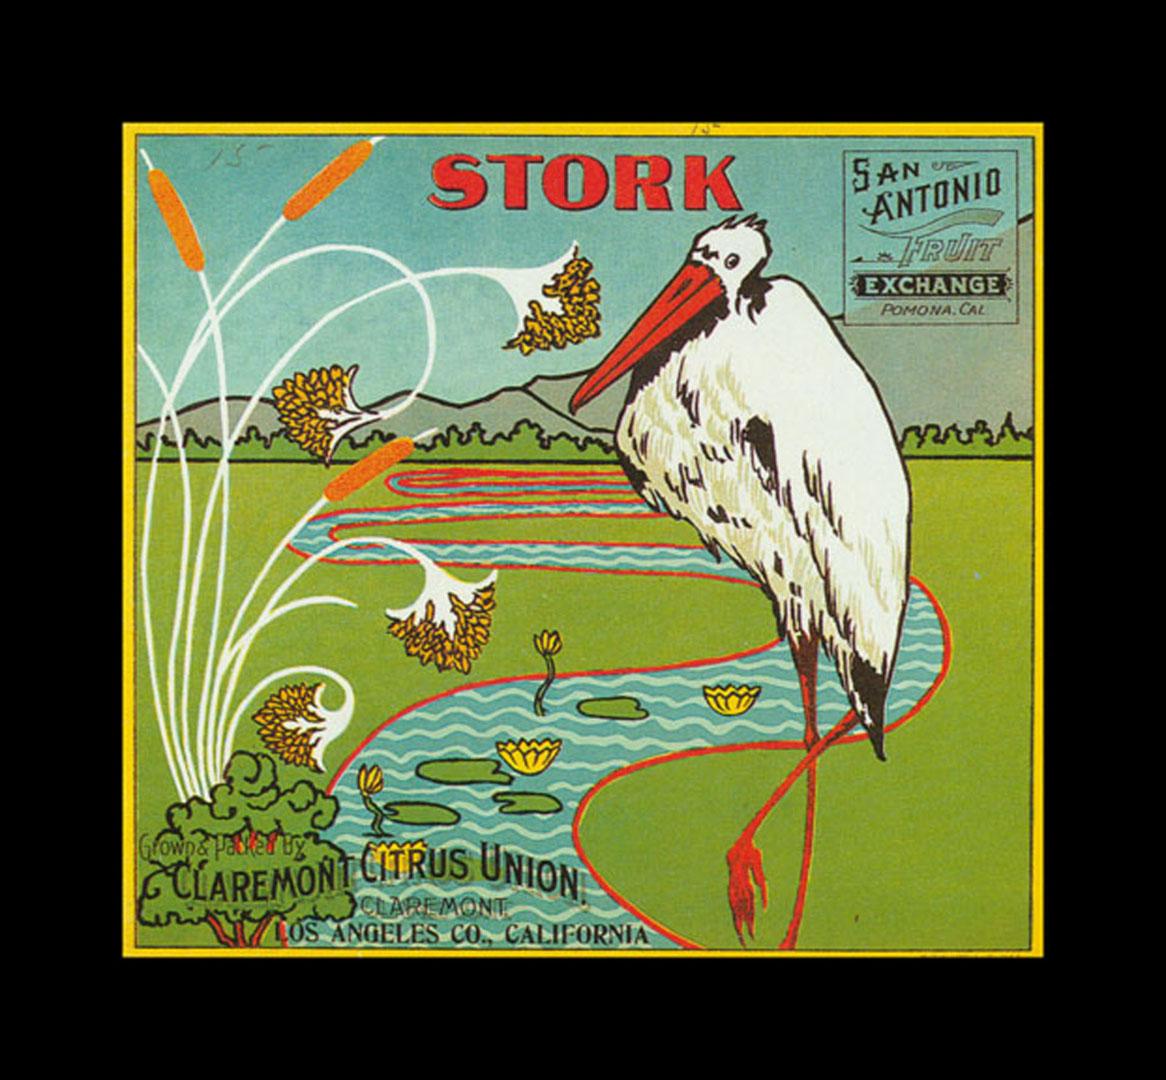 Stork Oranges   Vintage Fruit Crate Labels Wallpaper Image 1166x1080